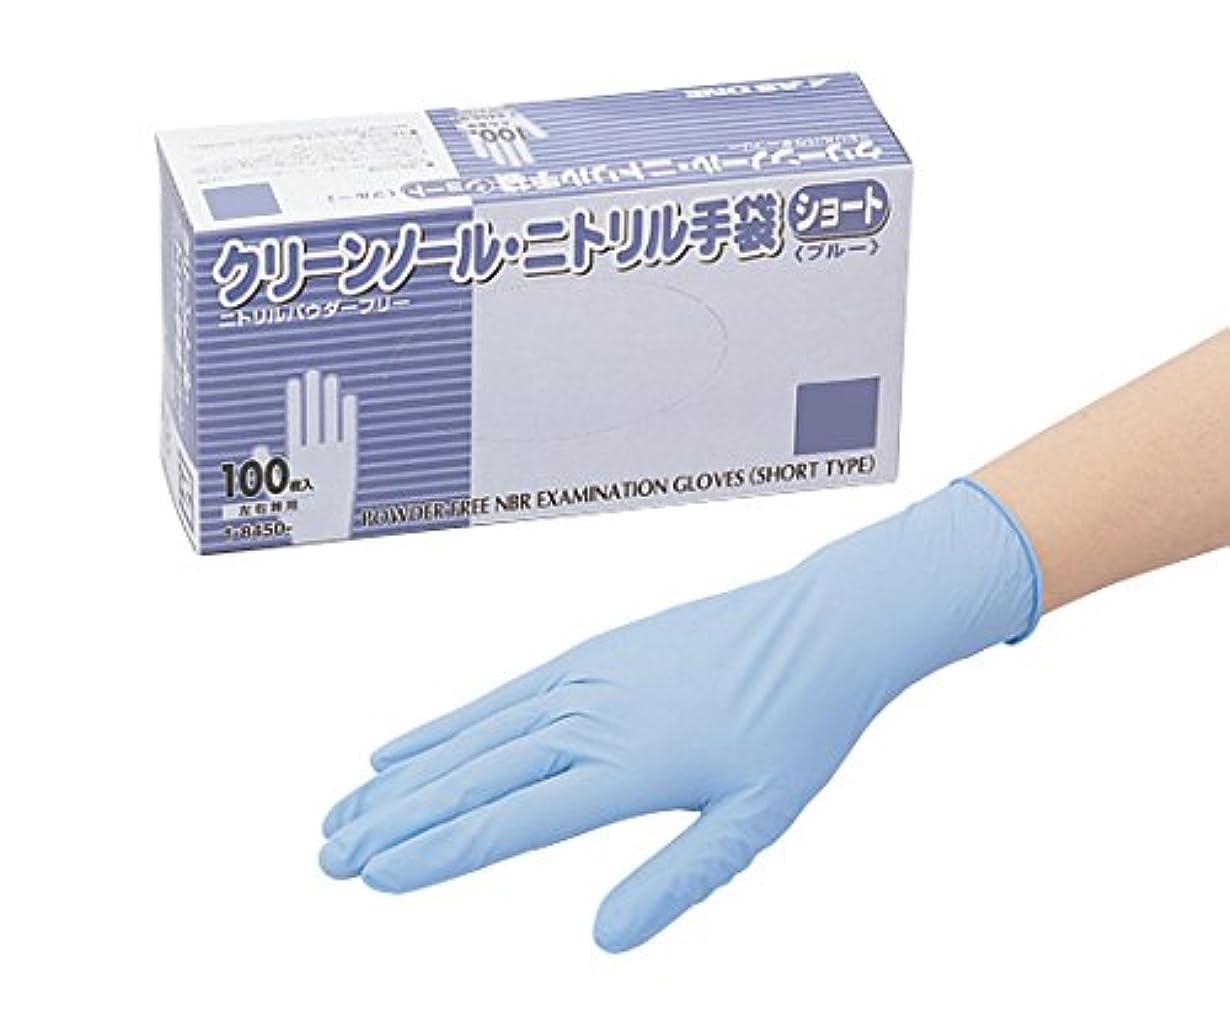 ダウンタウン平和ペンフレンドアズワン1-8450-54クリーンノールニトリル手袋ショート(パウダーフリ-)ブルーSS1000枚入